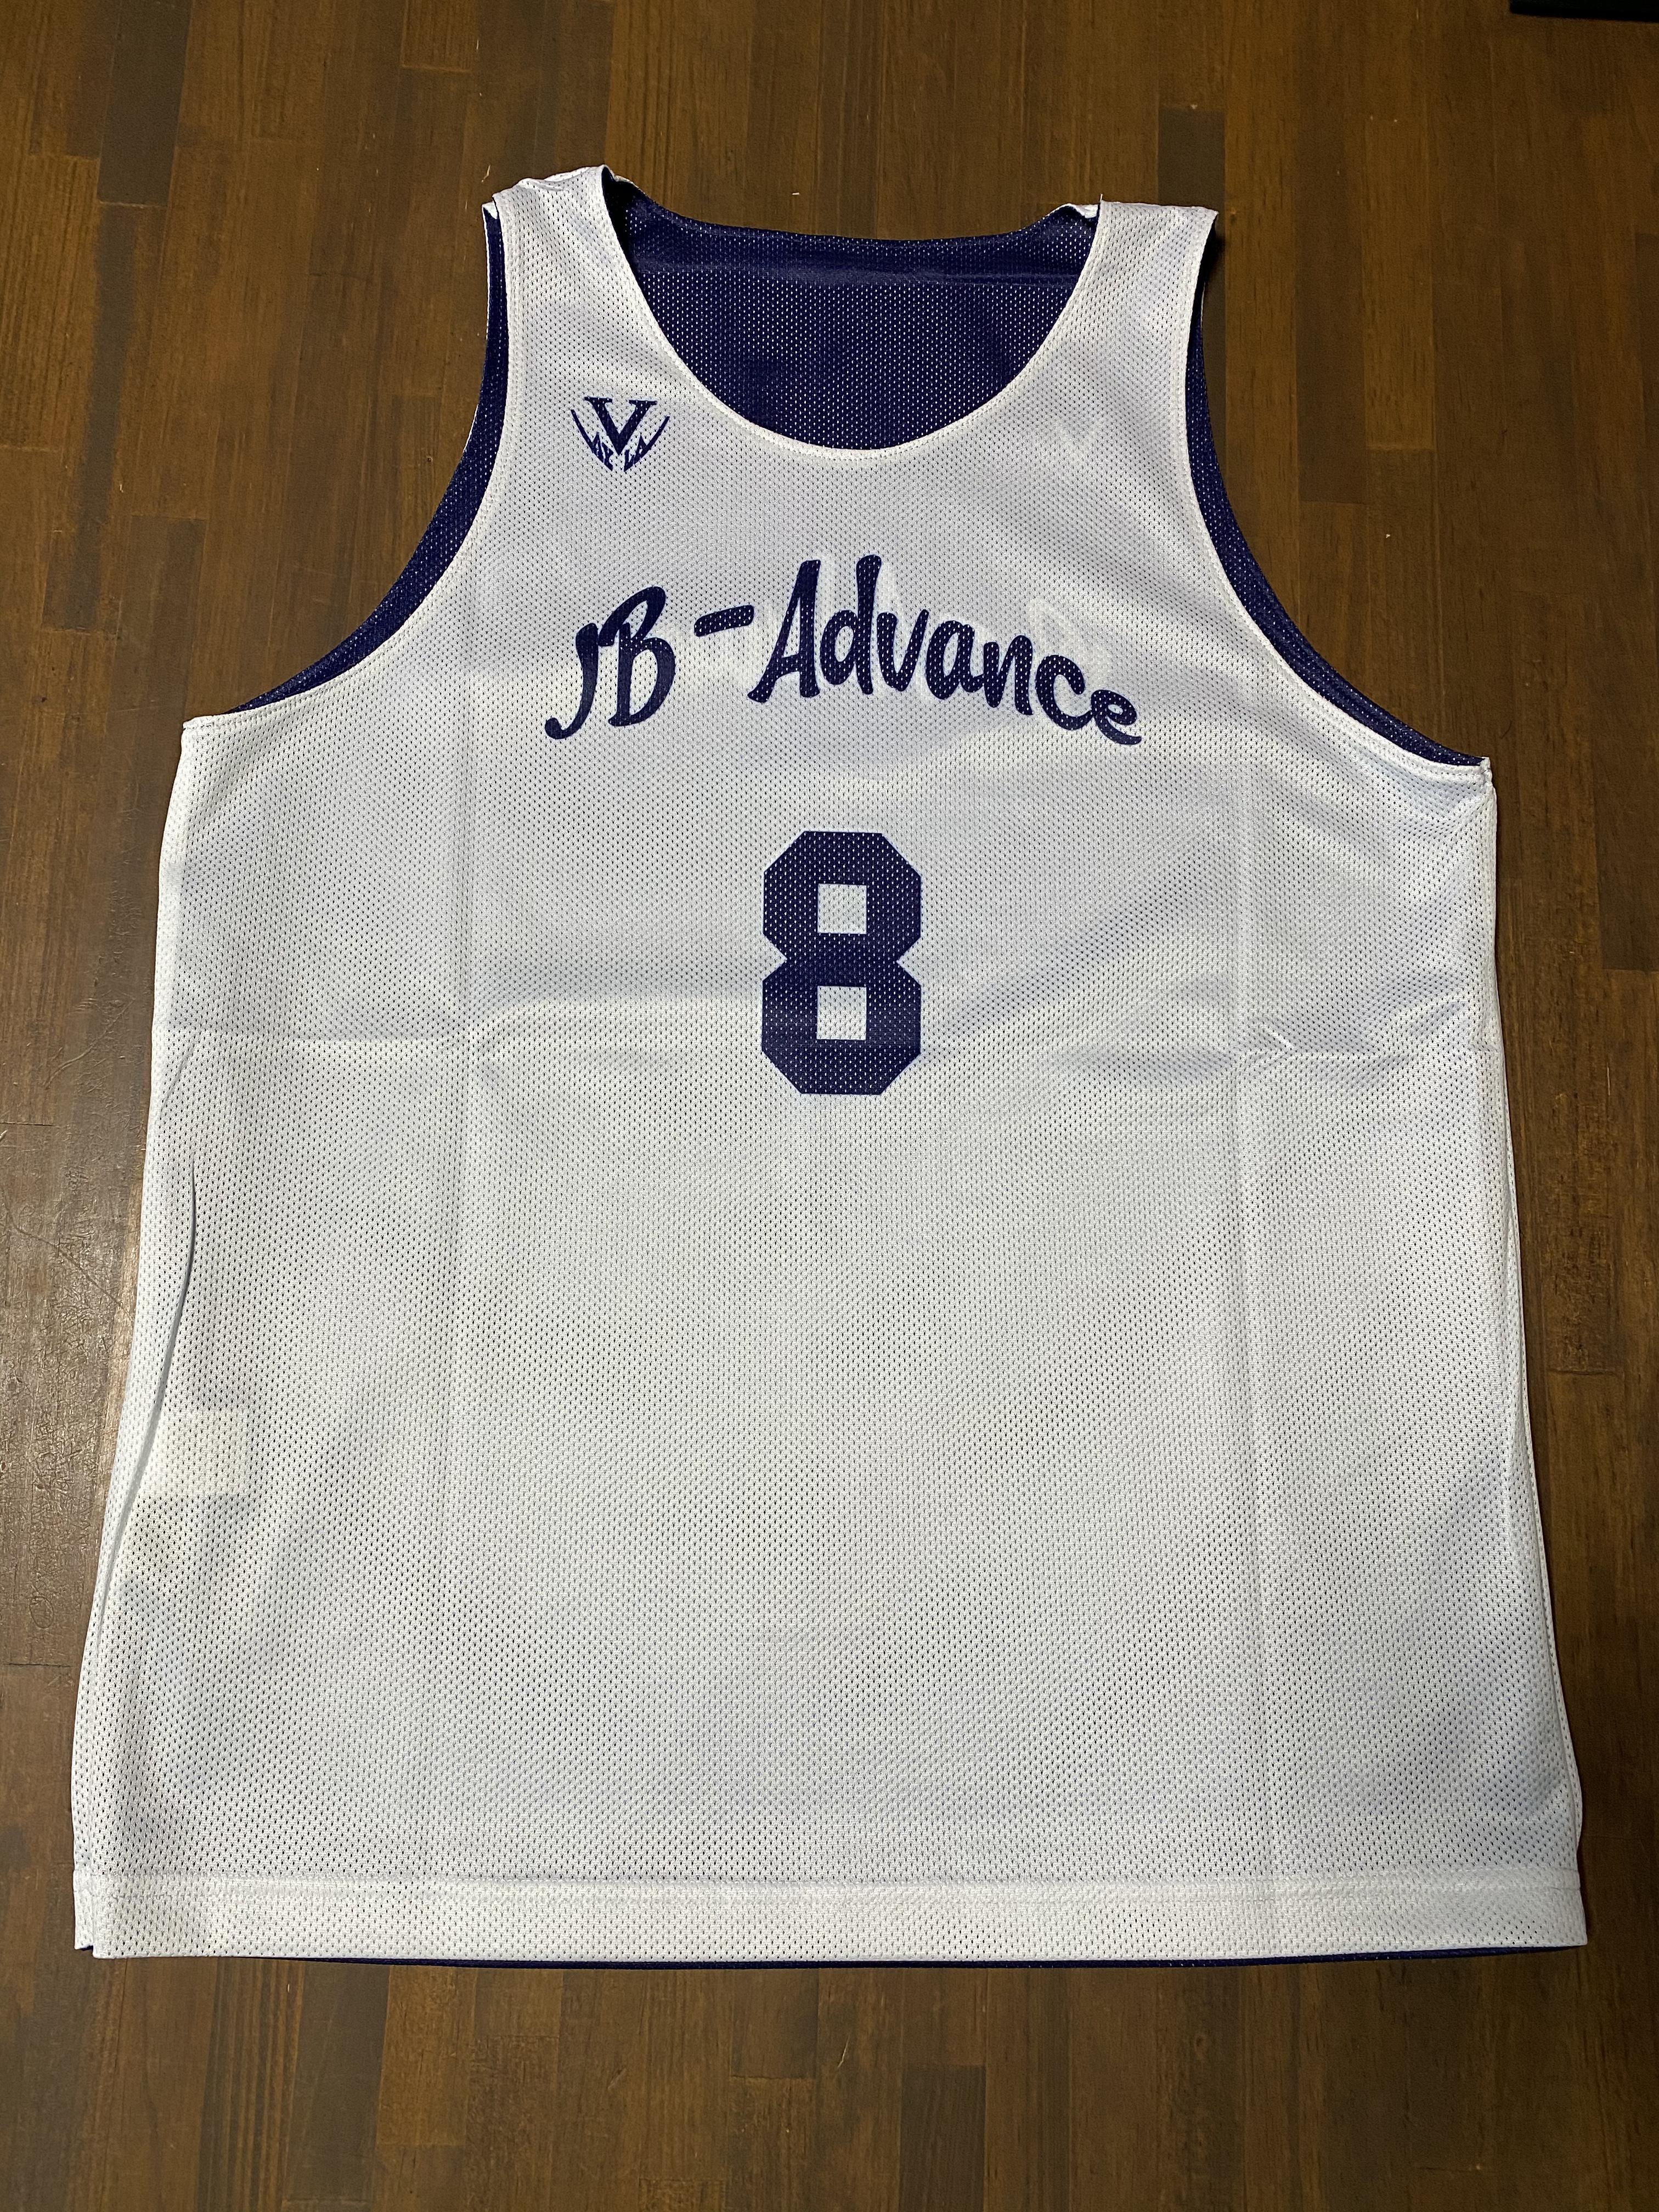 【デザインサンプル】JB-Advance(一般・男子)リバーシブルシャツ